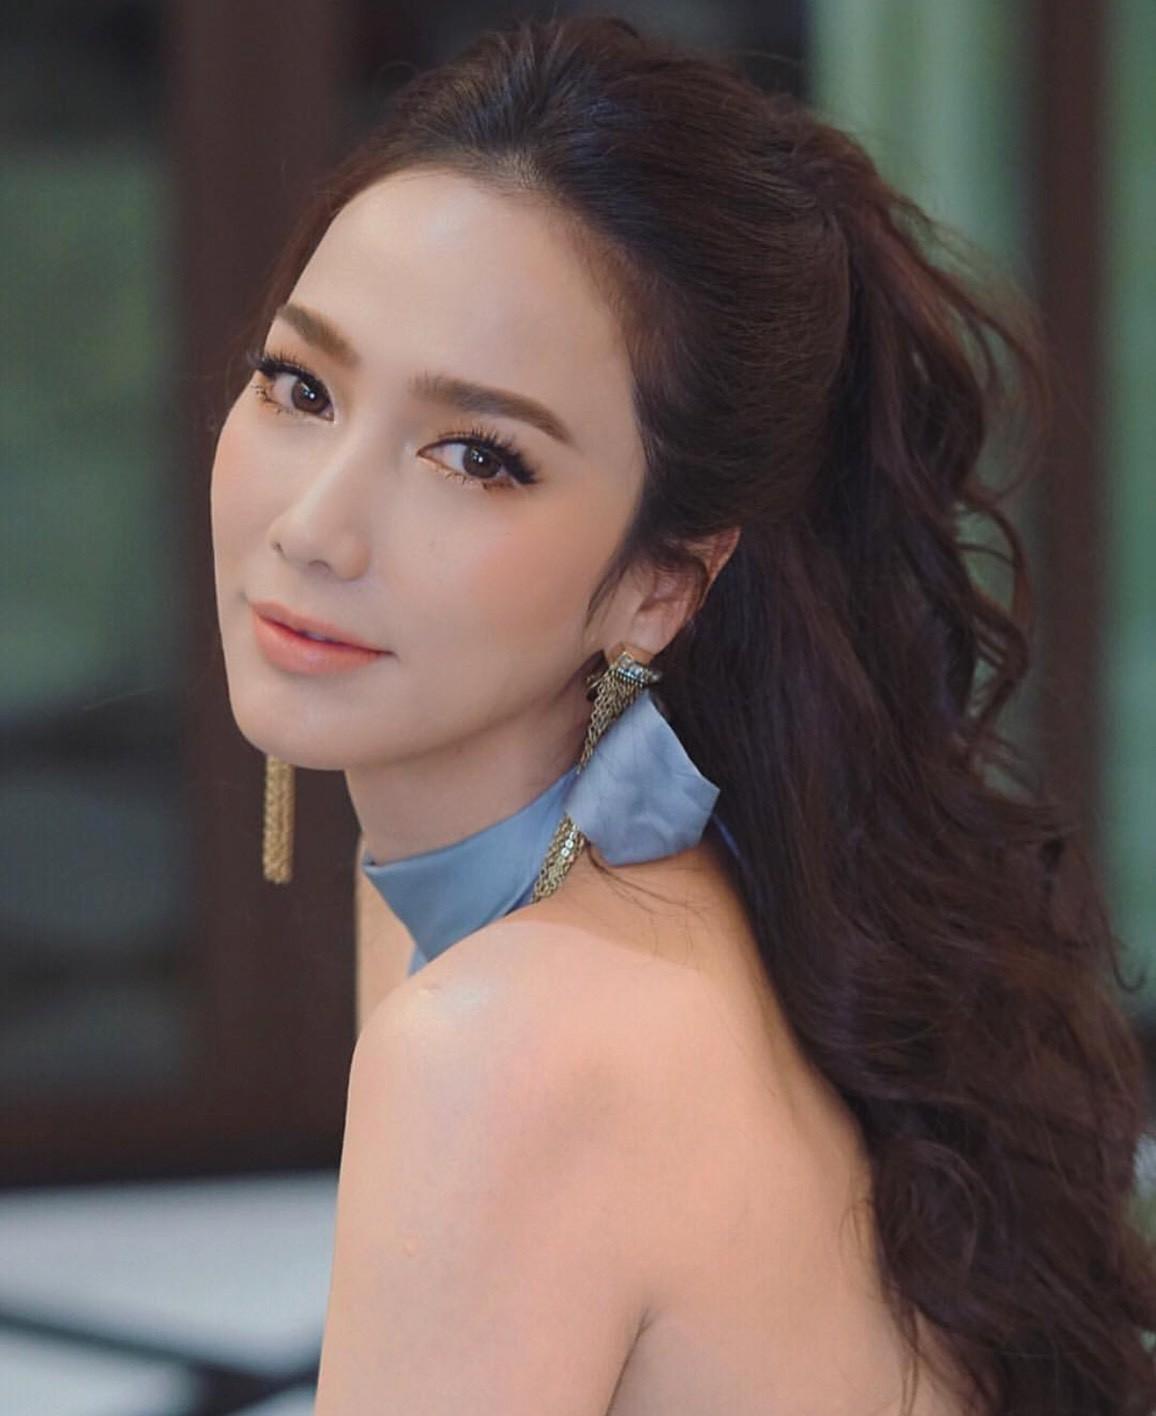 Soi mặt mộc của dàn mỹ nhân hack tuổi đỉnh nhất Thái Lan: Người đẹp bất chấp, kẻ già dặn bất ngờ - Ảnh 33.